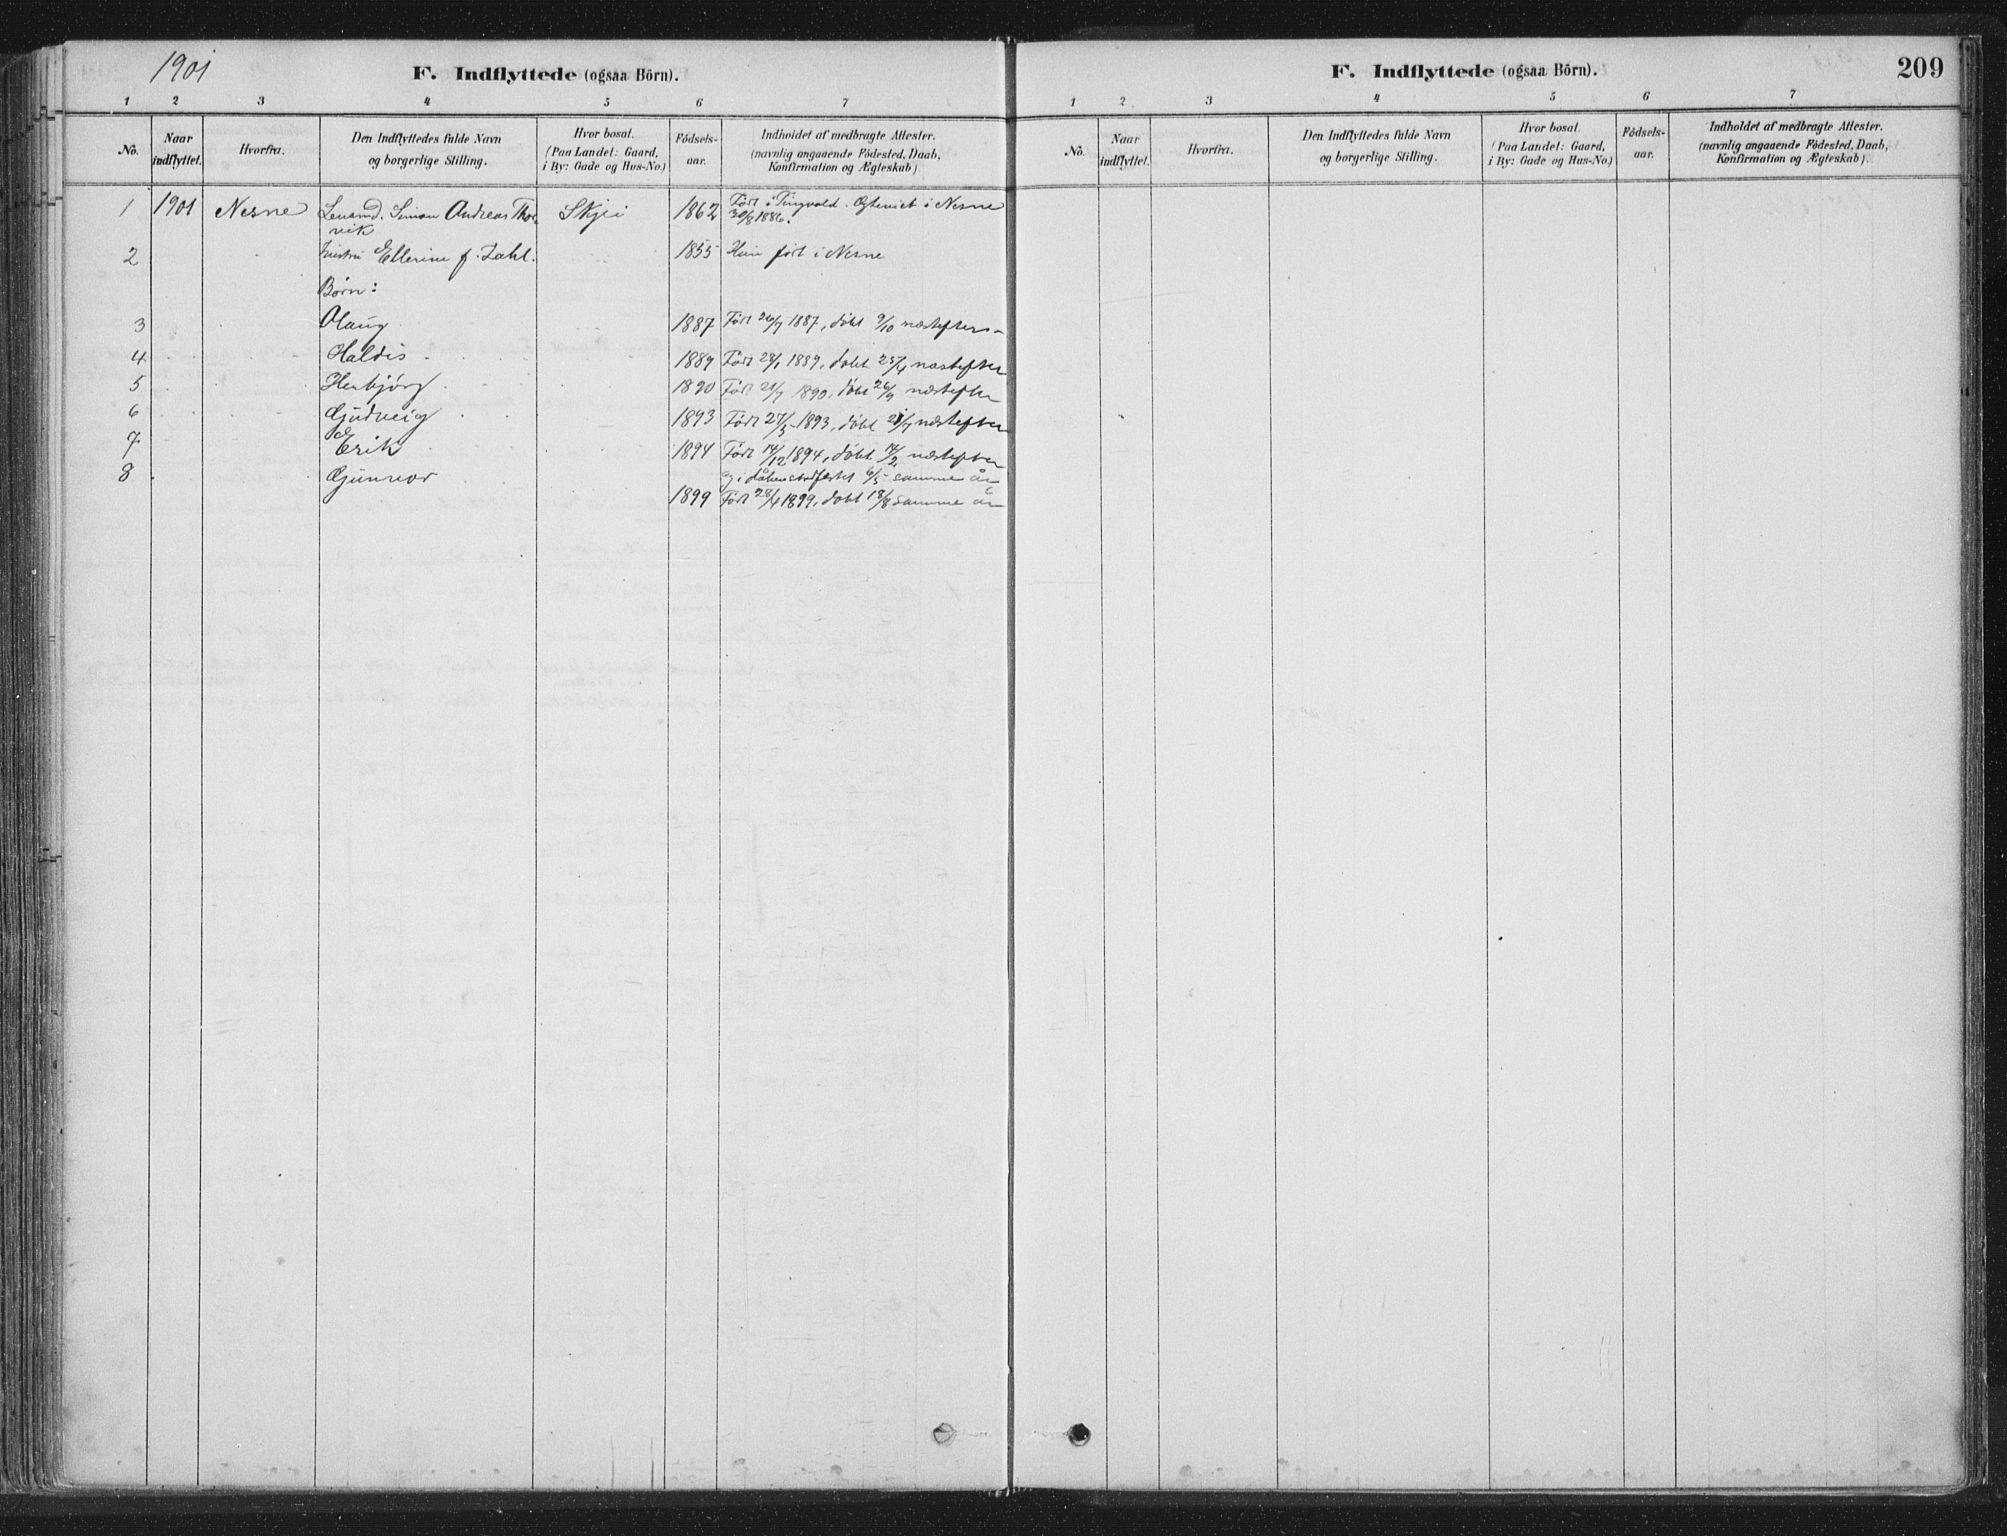 SAT, Ministerialprotokoller, klokkerbøker og fødselsregistre - Nord-Trøndelag, 788/L0697: Ministerialbok nr. 788A04, 1878-1902, s. 209